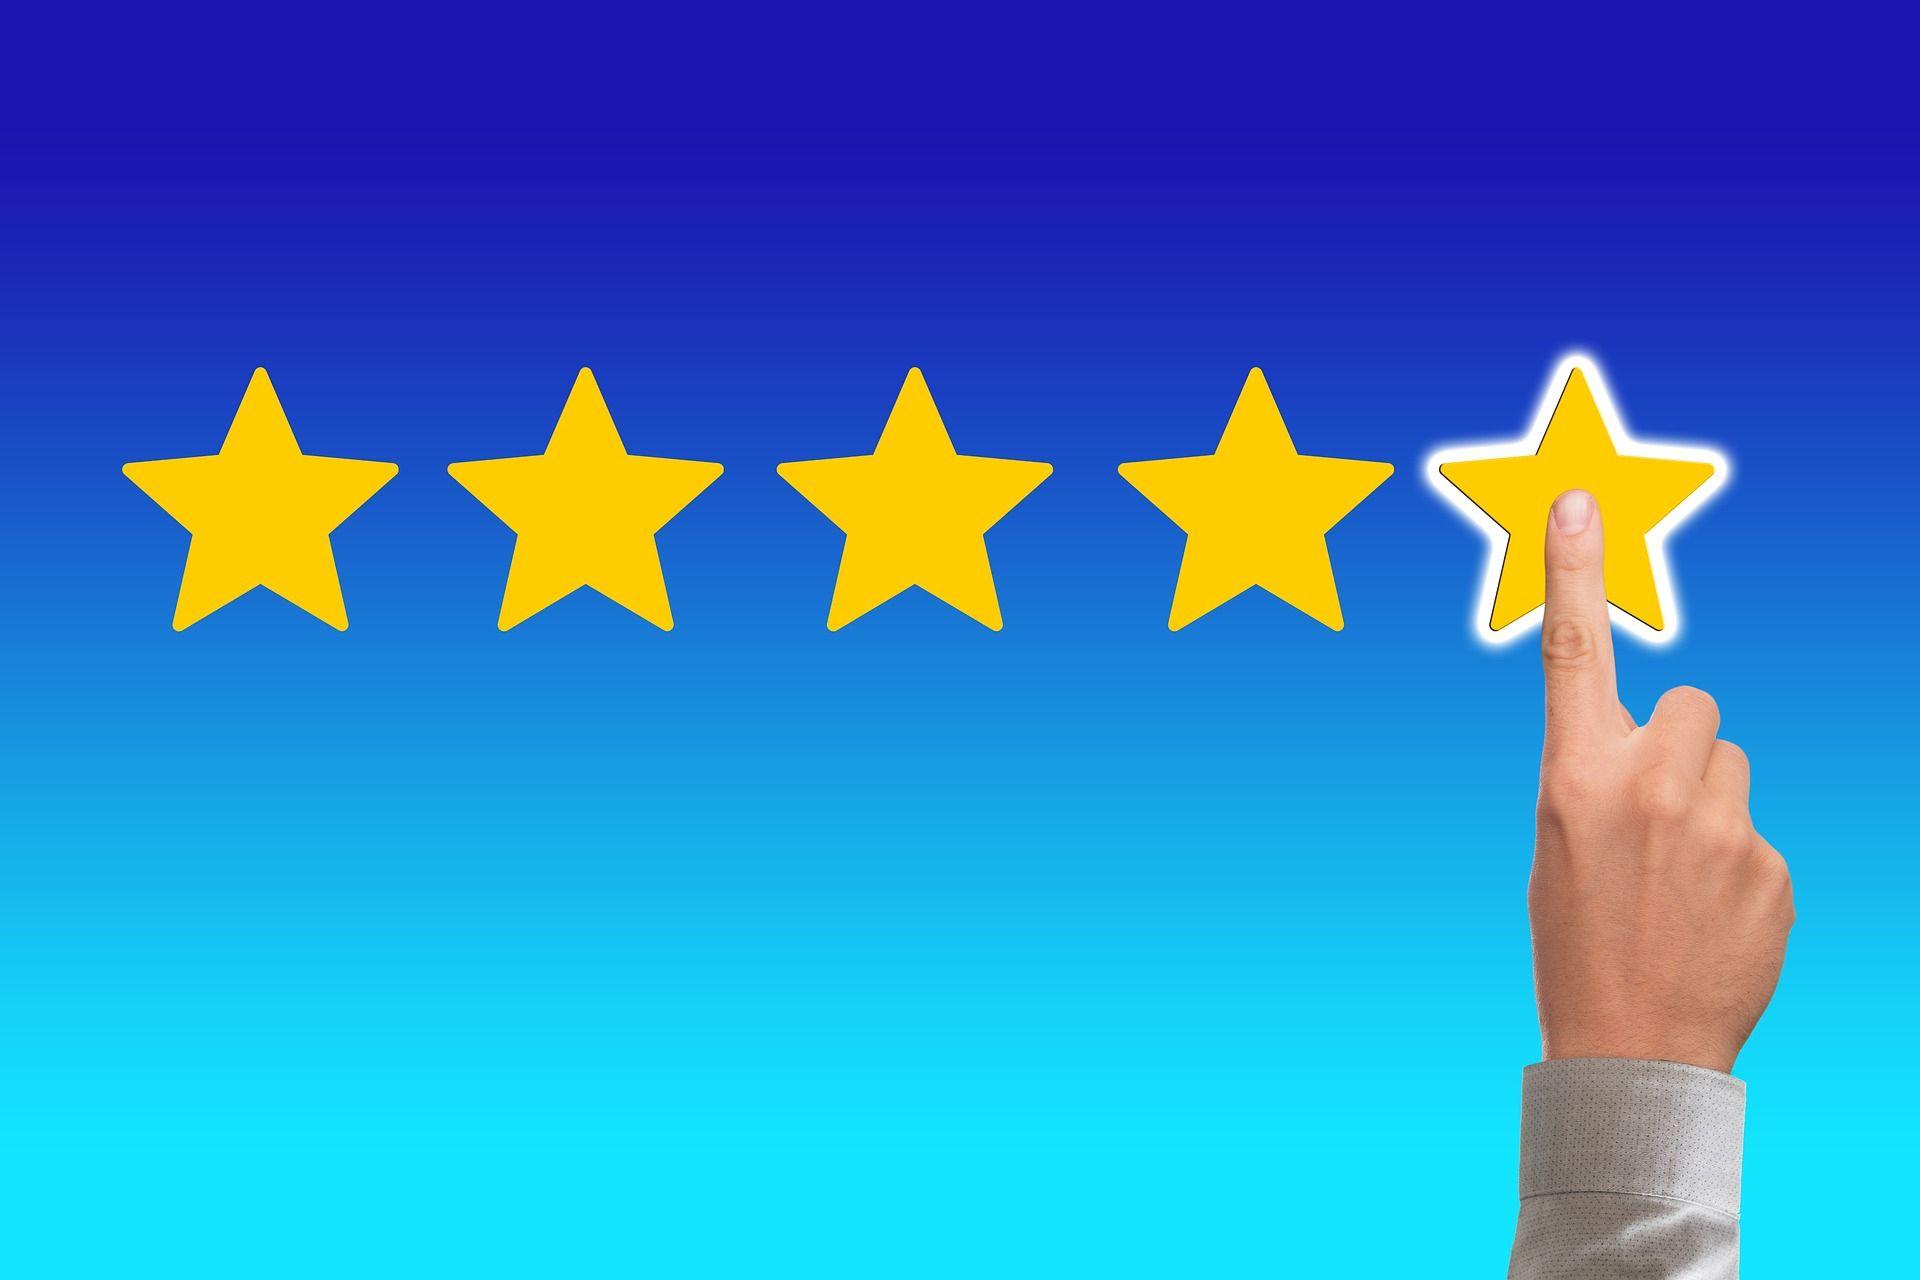 Un dedo poniendo una valorización de 5 estrellas.